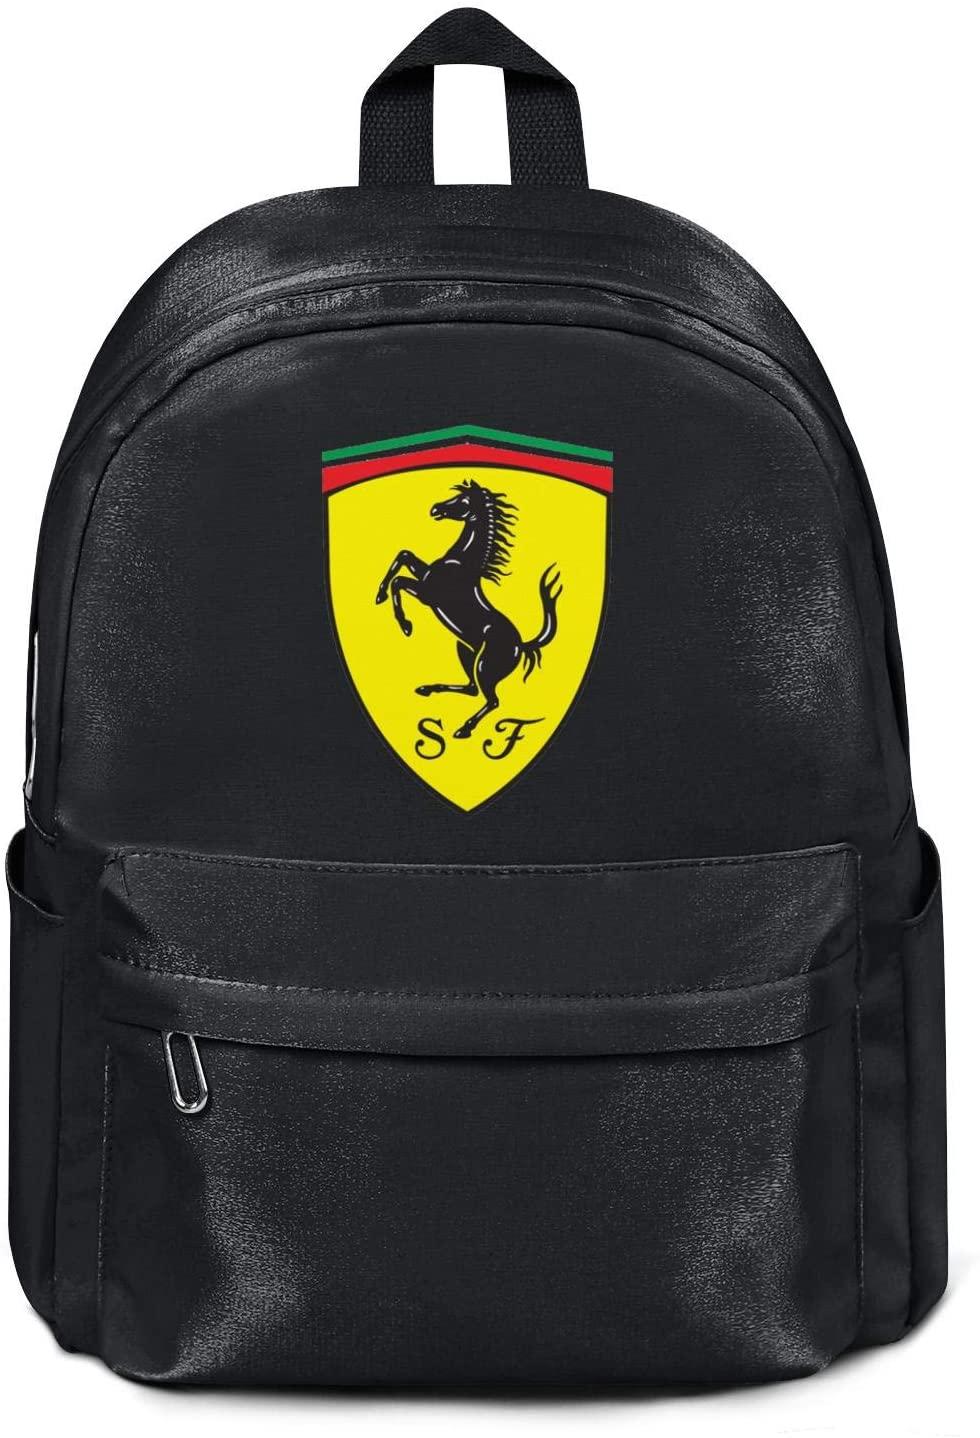 DRTGRHBFG School Backpack Nylon Backpack for Women Men Classic Loungefly Waterproof Backpack for Girls Boys